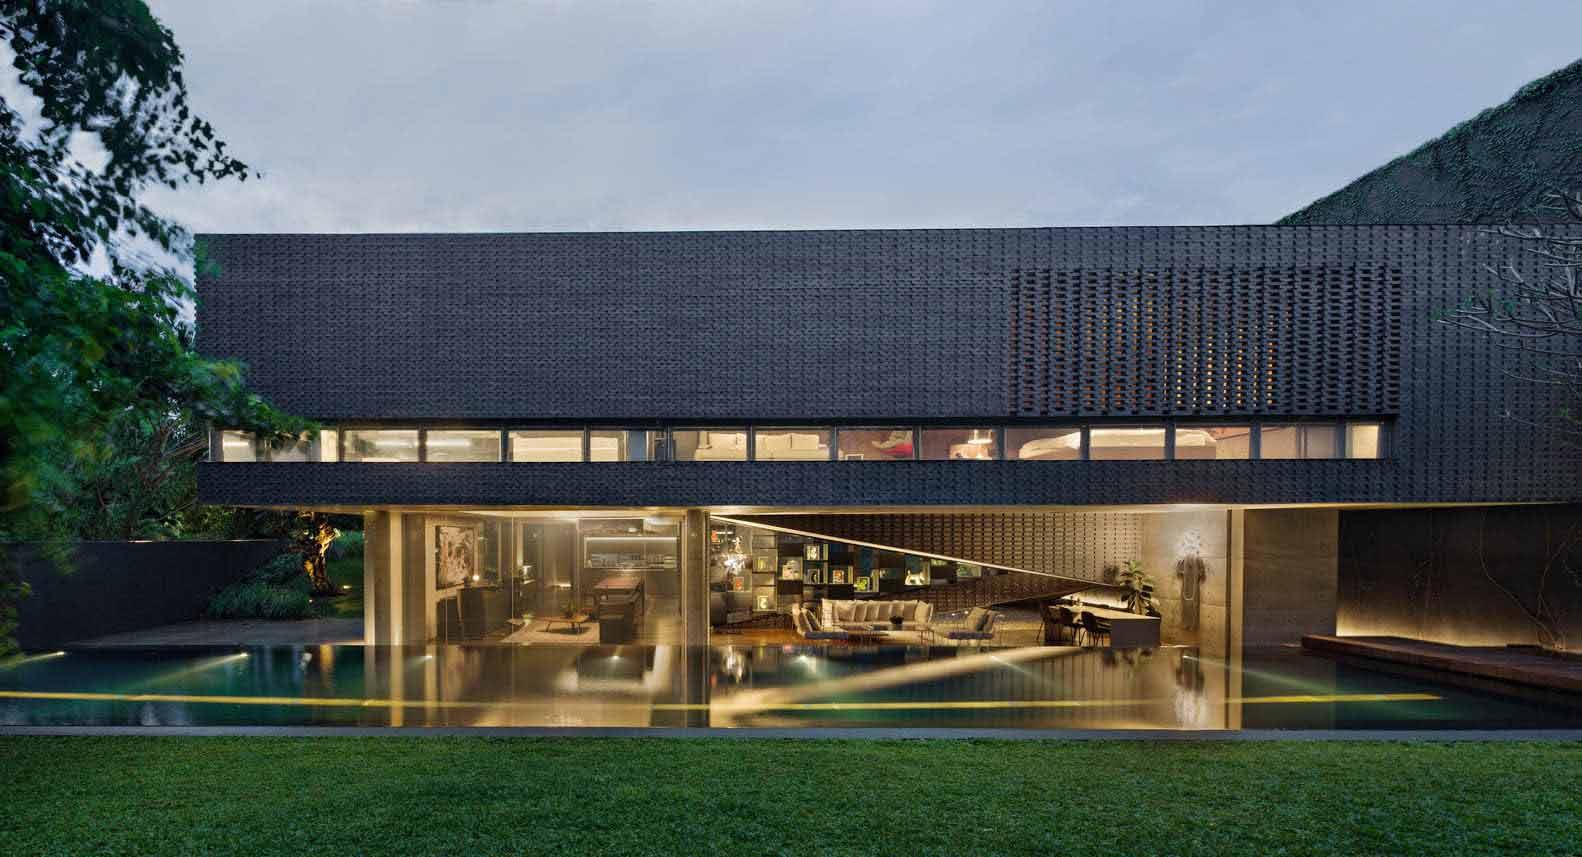 Arsitektur Rumah Minimalis Modern Yang Mewah Dan Elegan Ala Andra Matin Arsitag